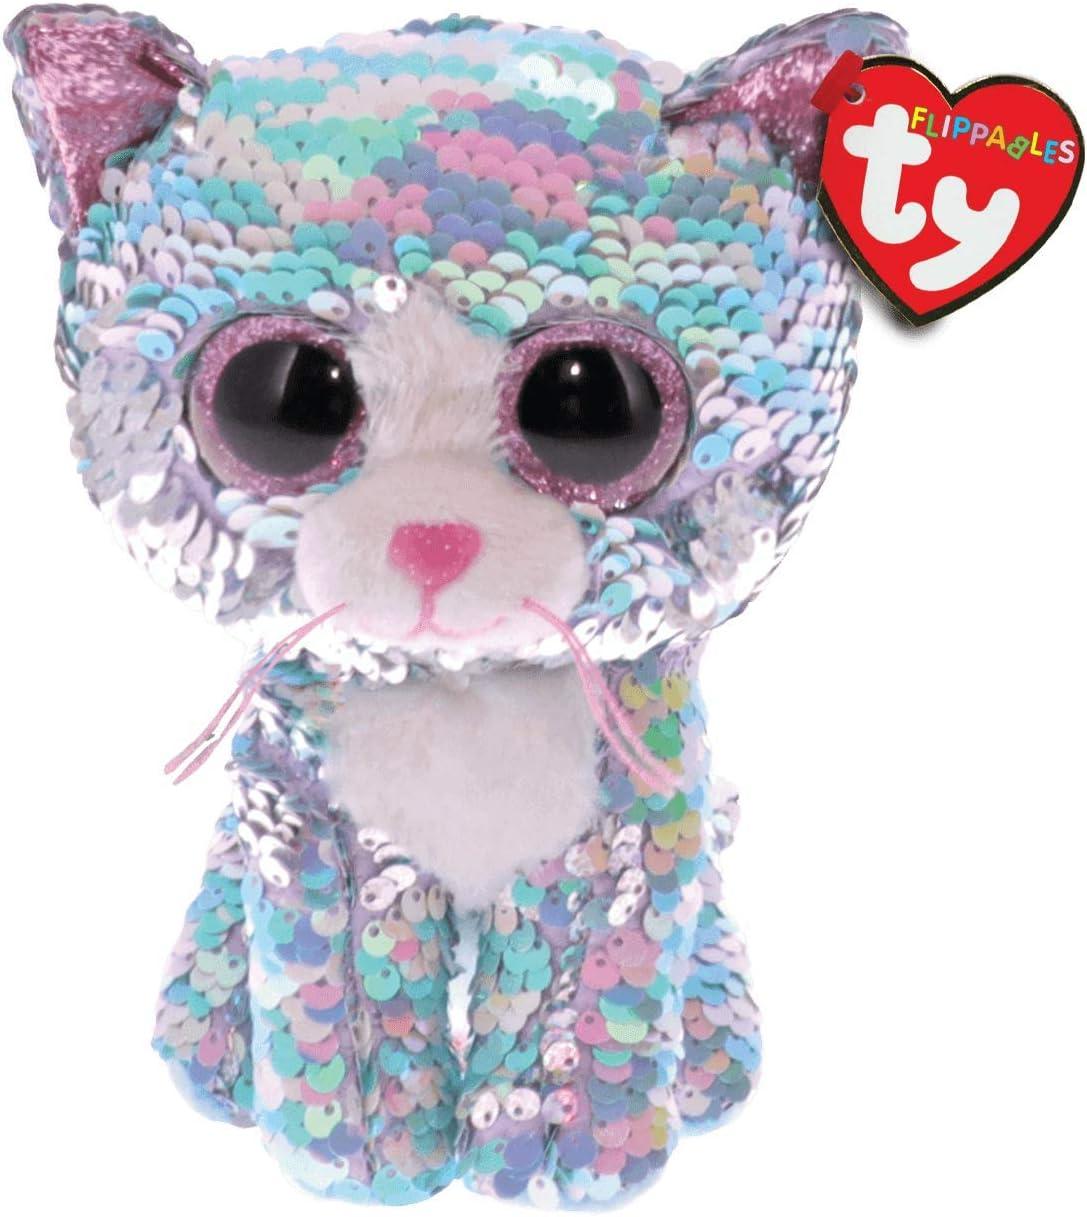 Ty – Flippables – Peluche de Lentejuelas Brillante Whimsy le Gato: Amazon.es: Juguetes y juegos